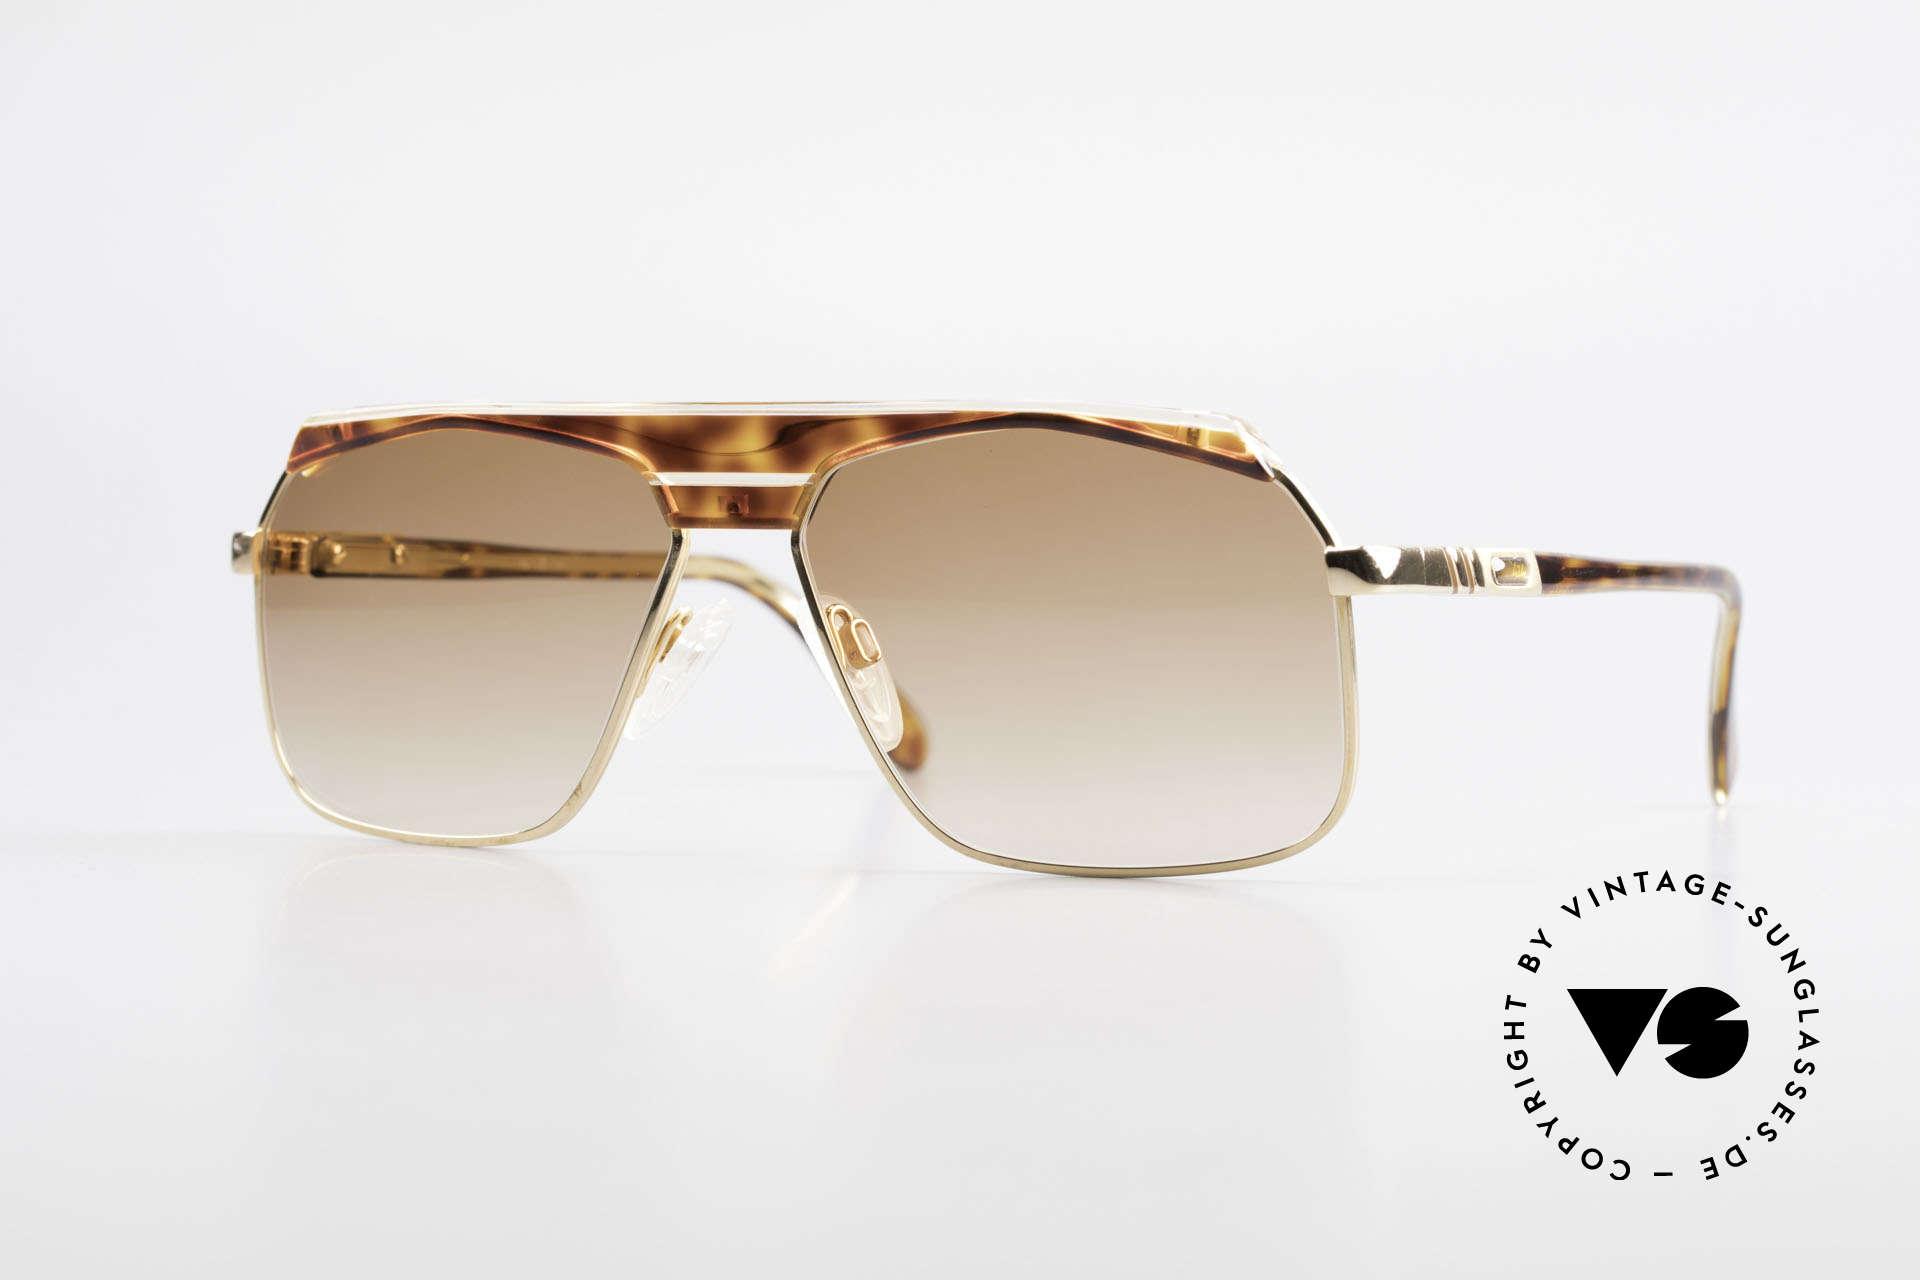 Cazal 730 West Germany Sonnenbrille, klassische vintage Sonnenbrille der 1980er Jahre, Passend für Herren